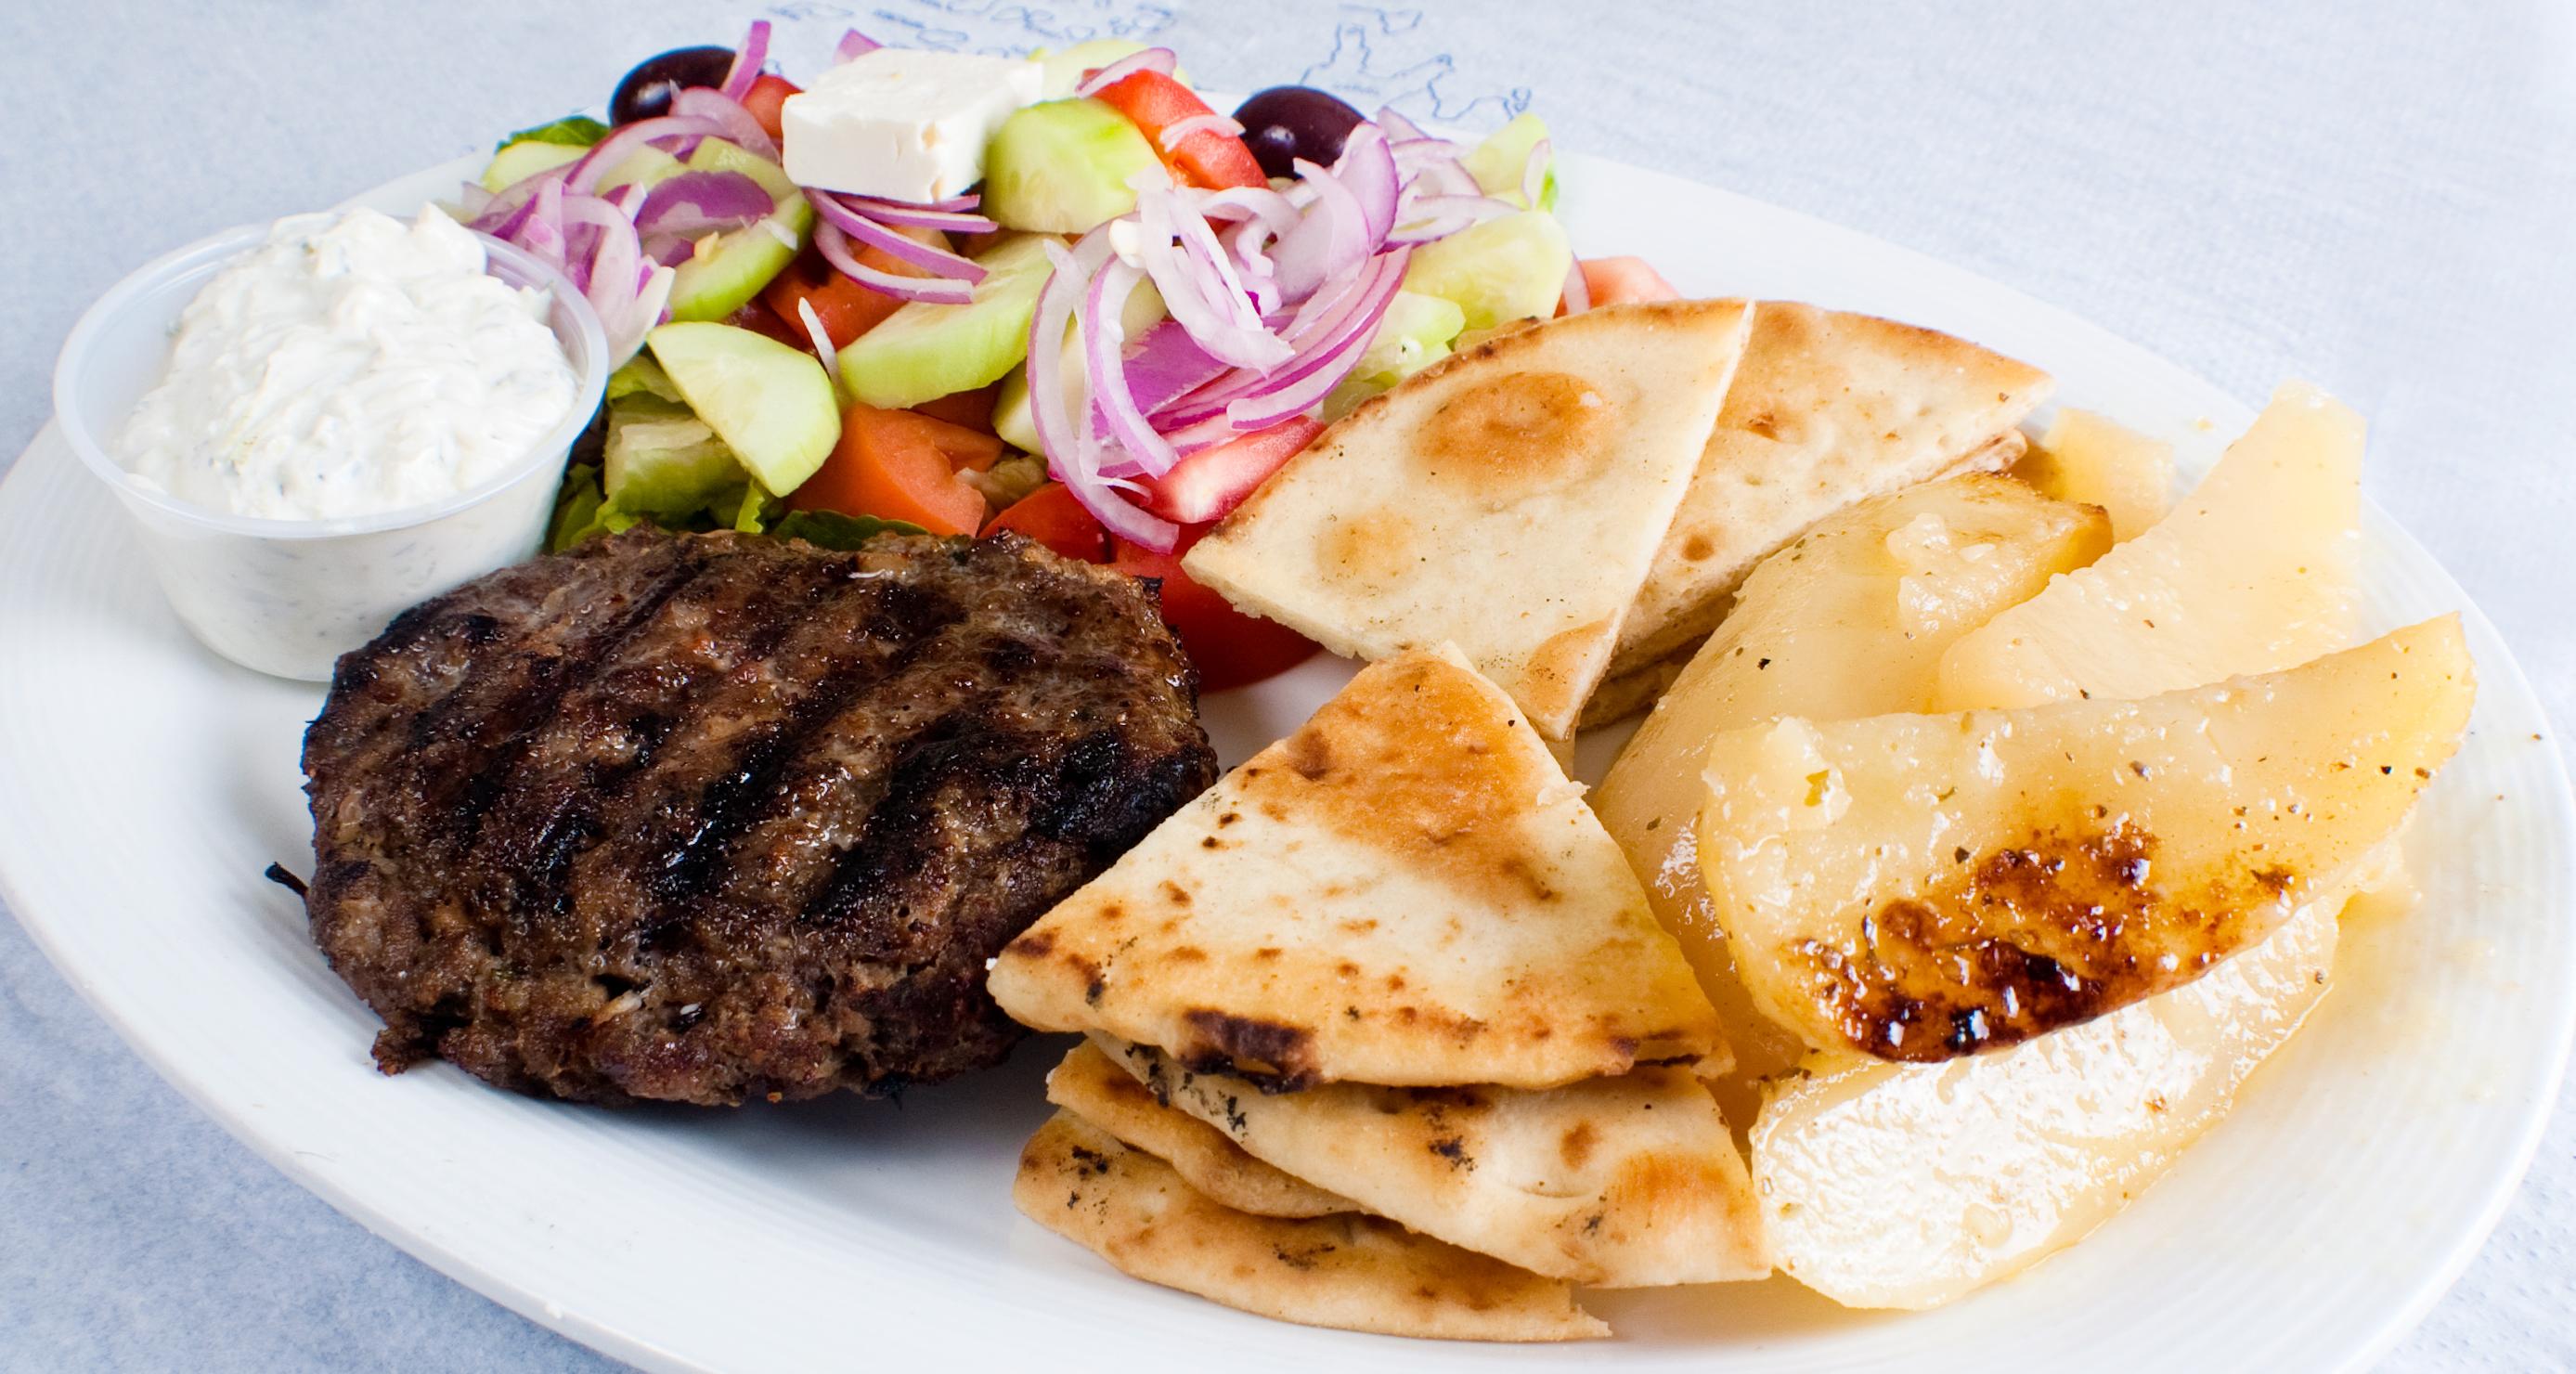 Stamna Greek Taverna image 5